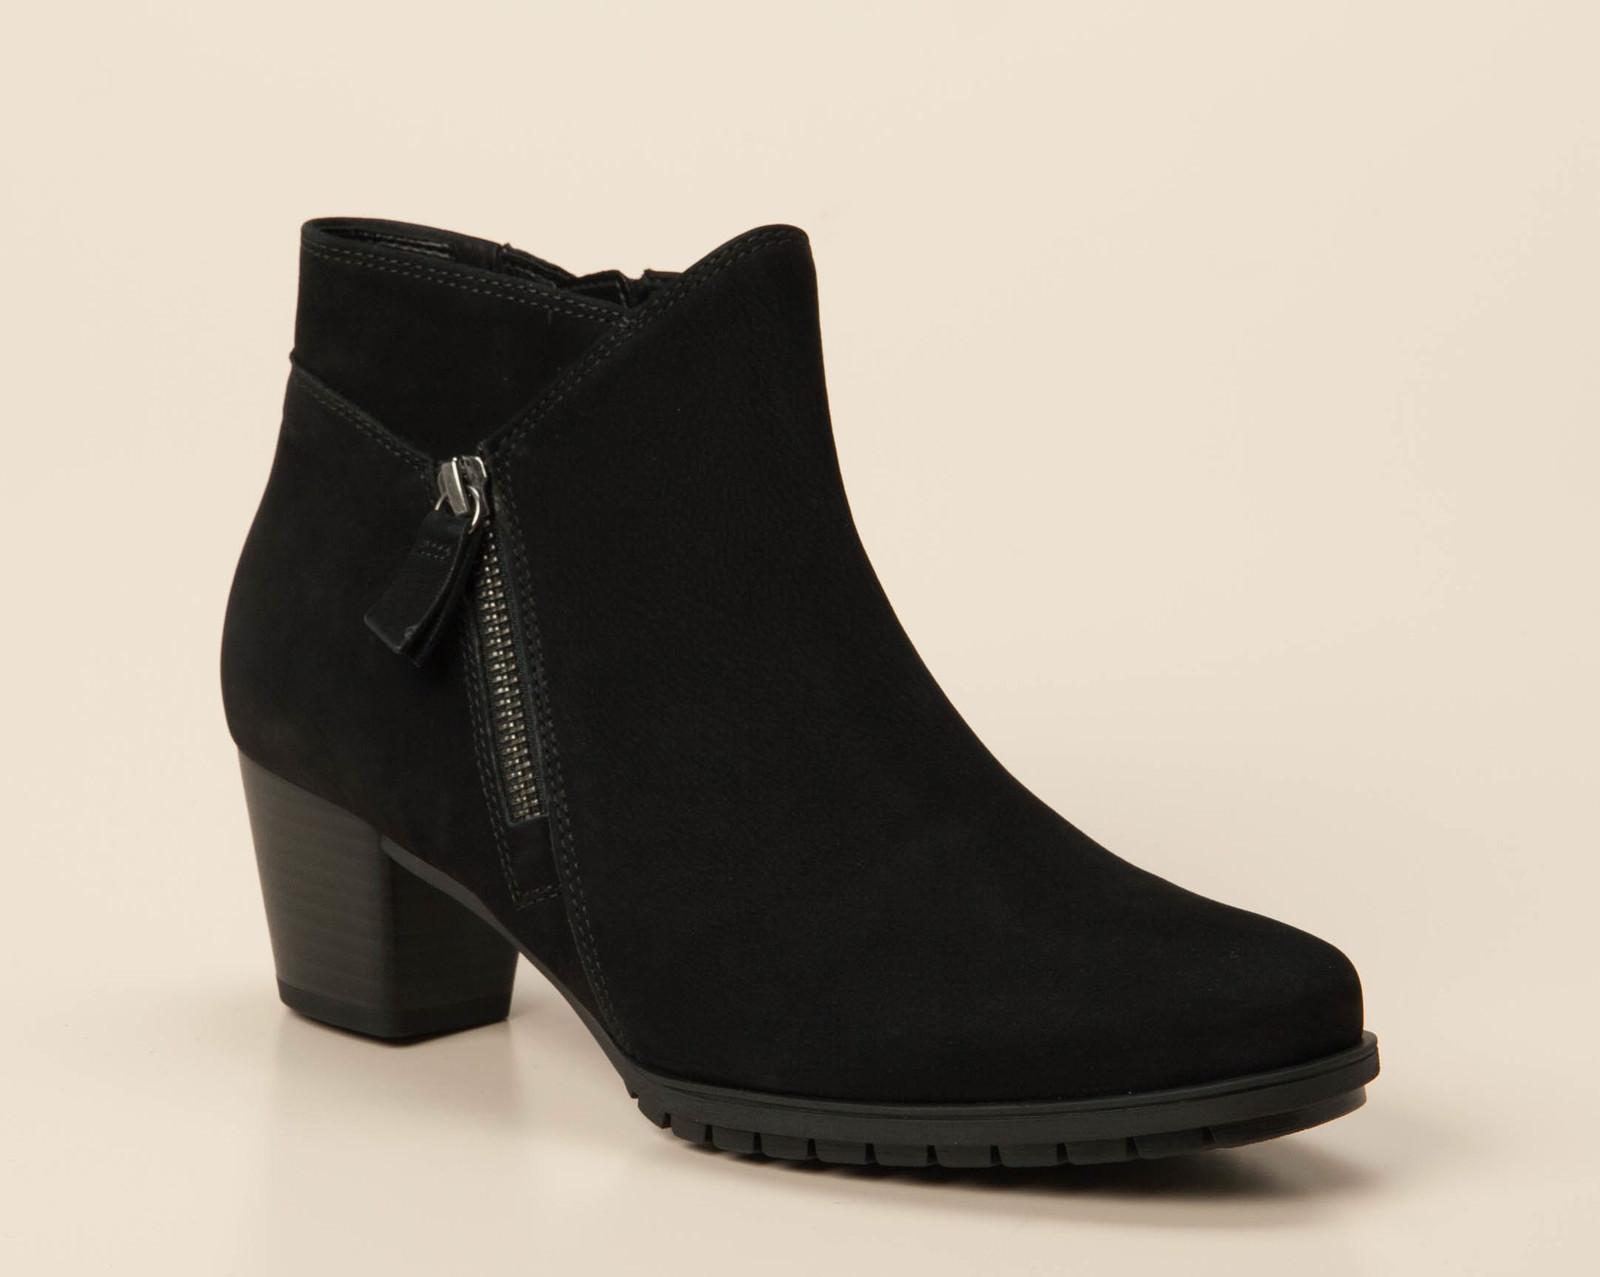 c053554708d6 Gabor Comfort Damen Stiefelette in schwarz kaufen   Zumnorde Online-Shop